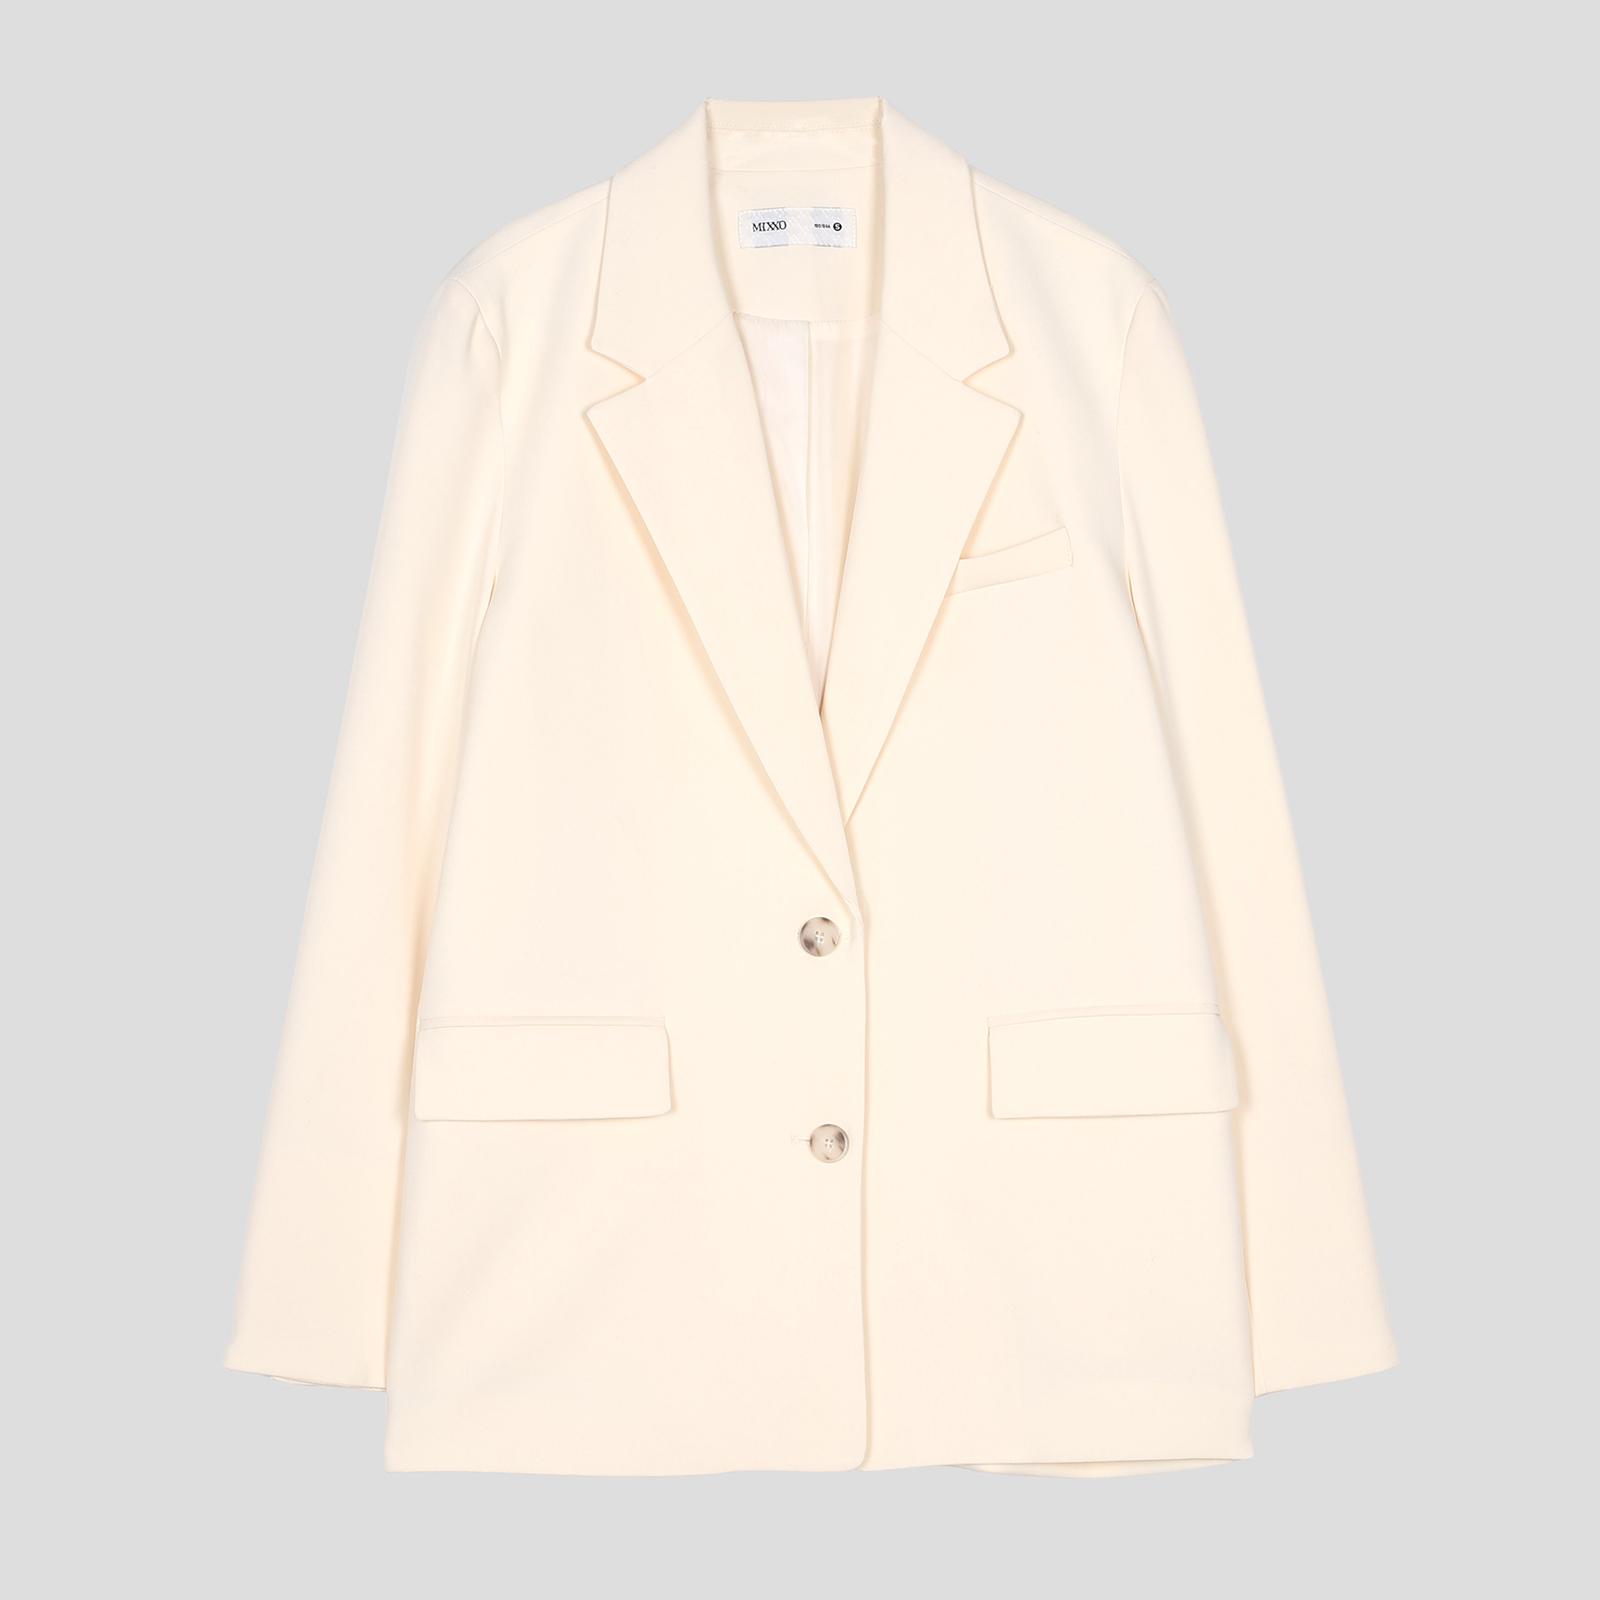 미쏘 여성용 오버핏 싱글 데일리 자켓